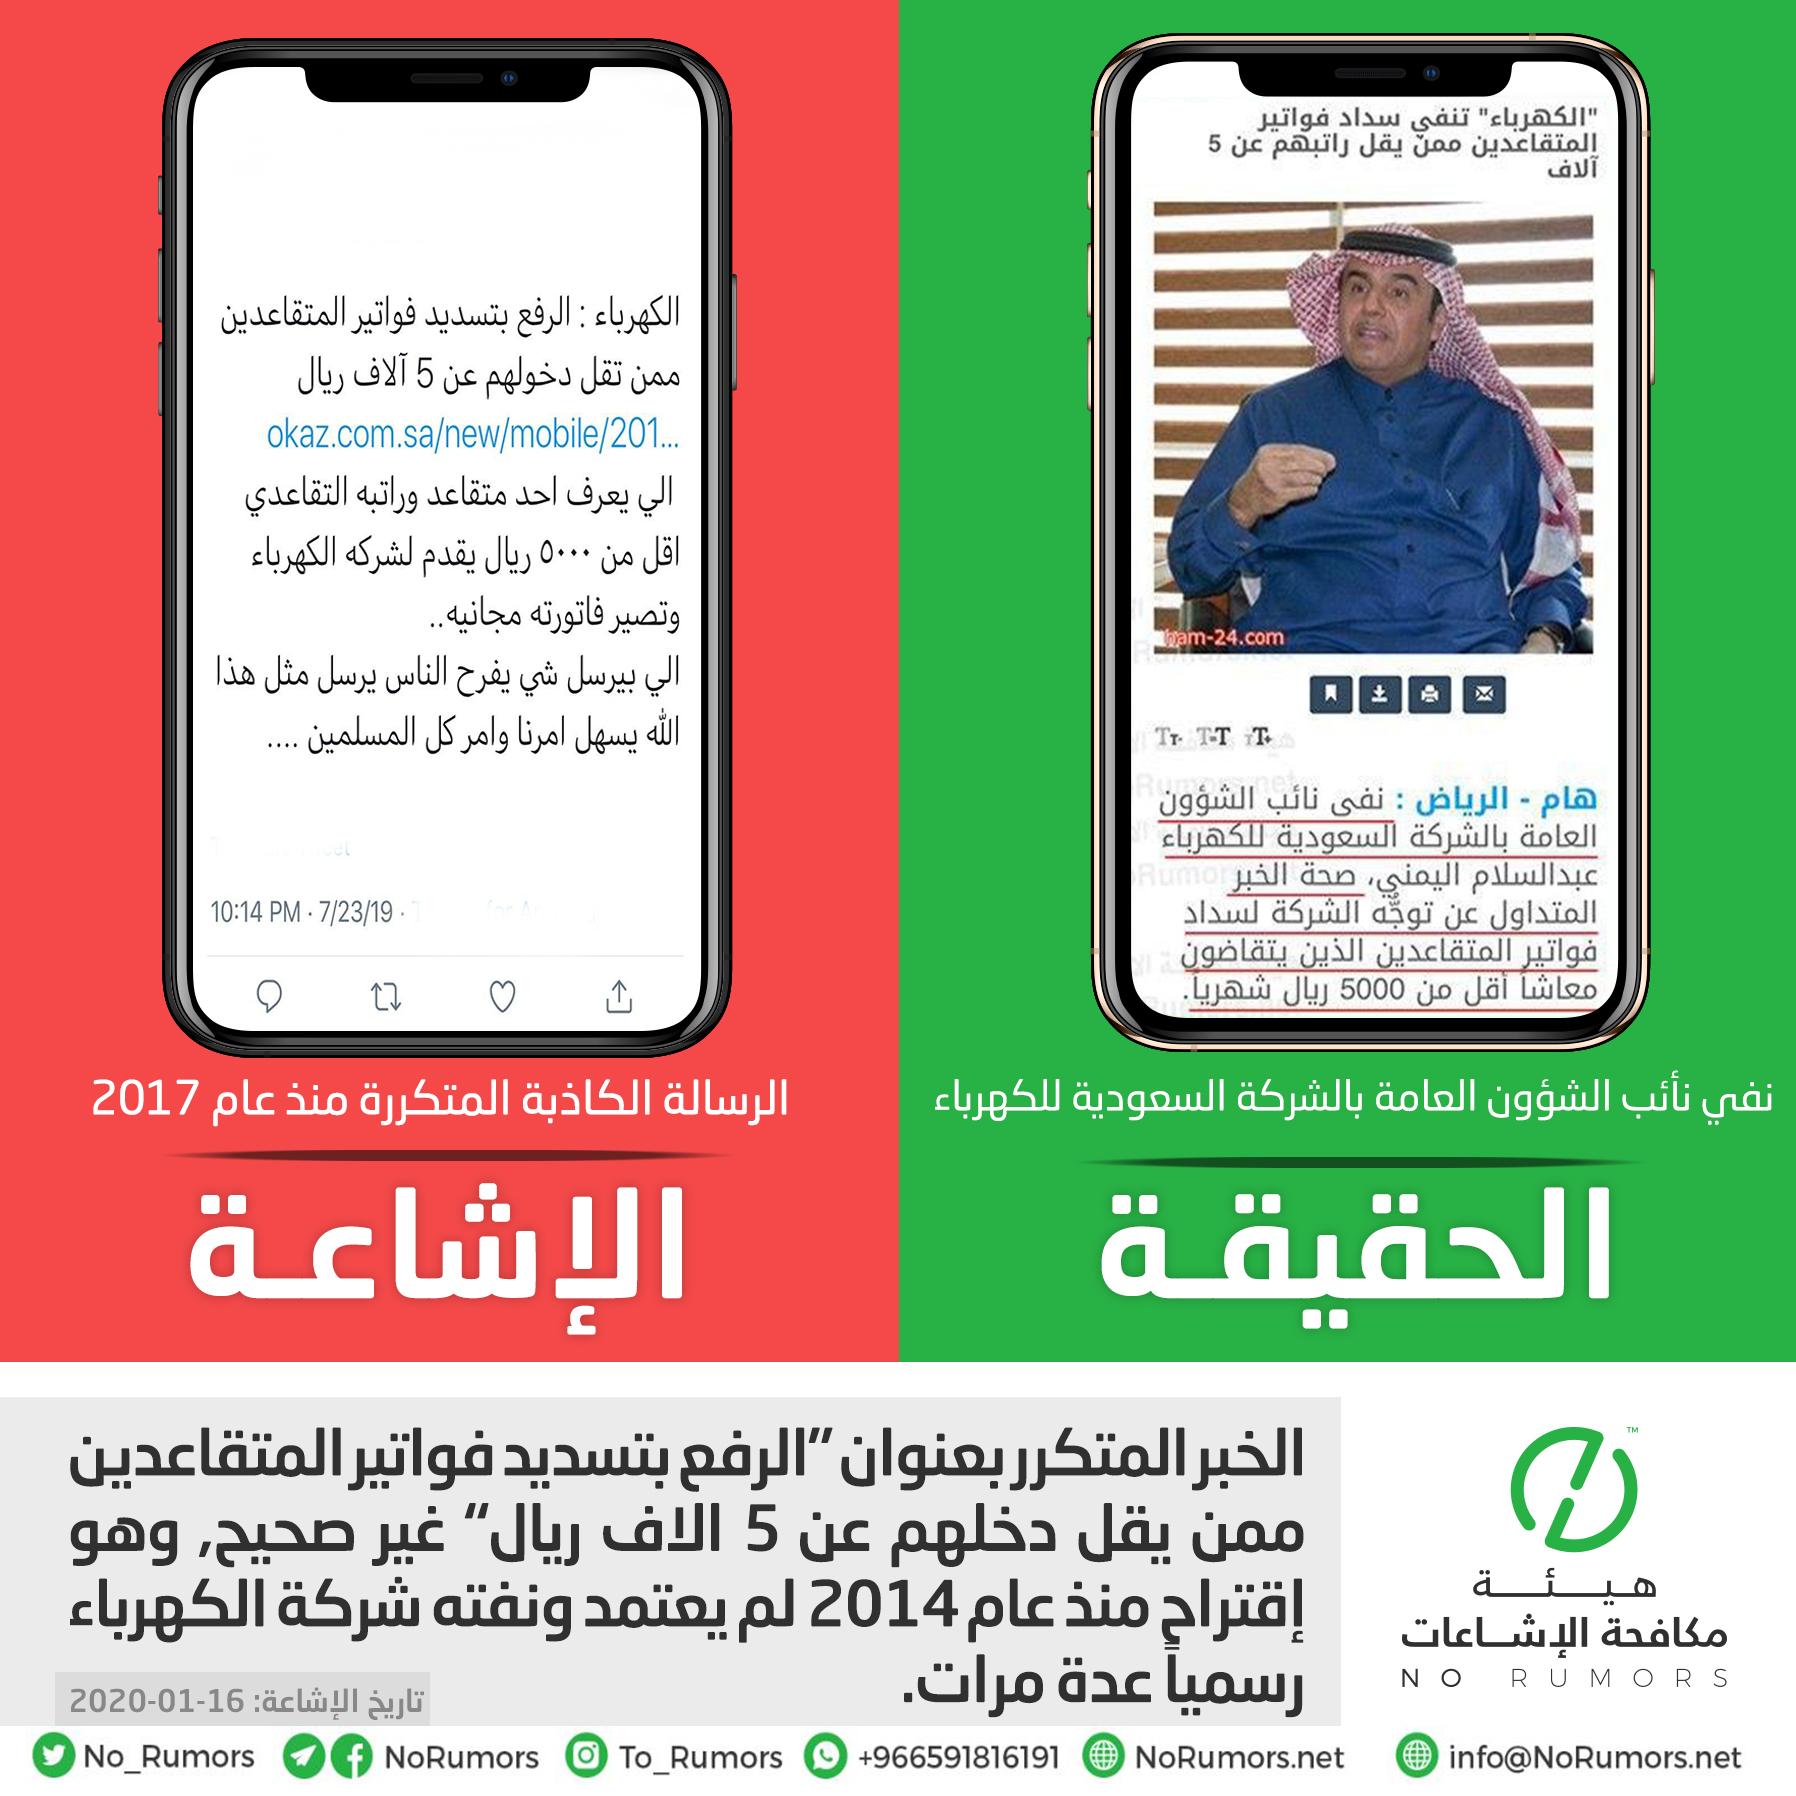 حقيقة الرفع بتسديد فواتير المتقاعدين ممن يقل دخلهم عن 5 الاف ريال